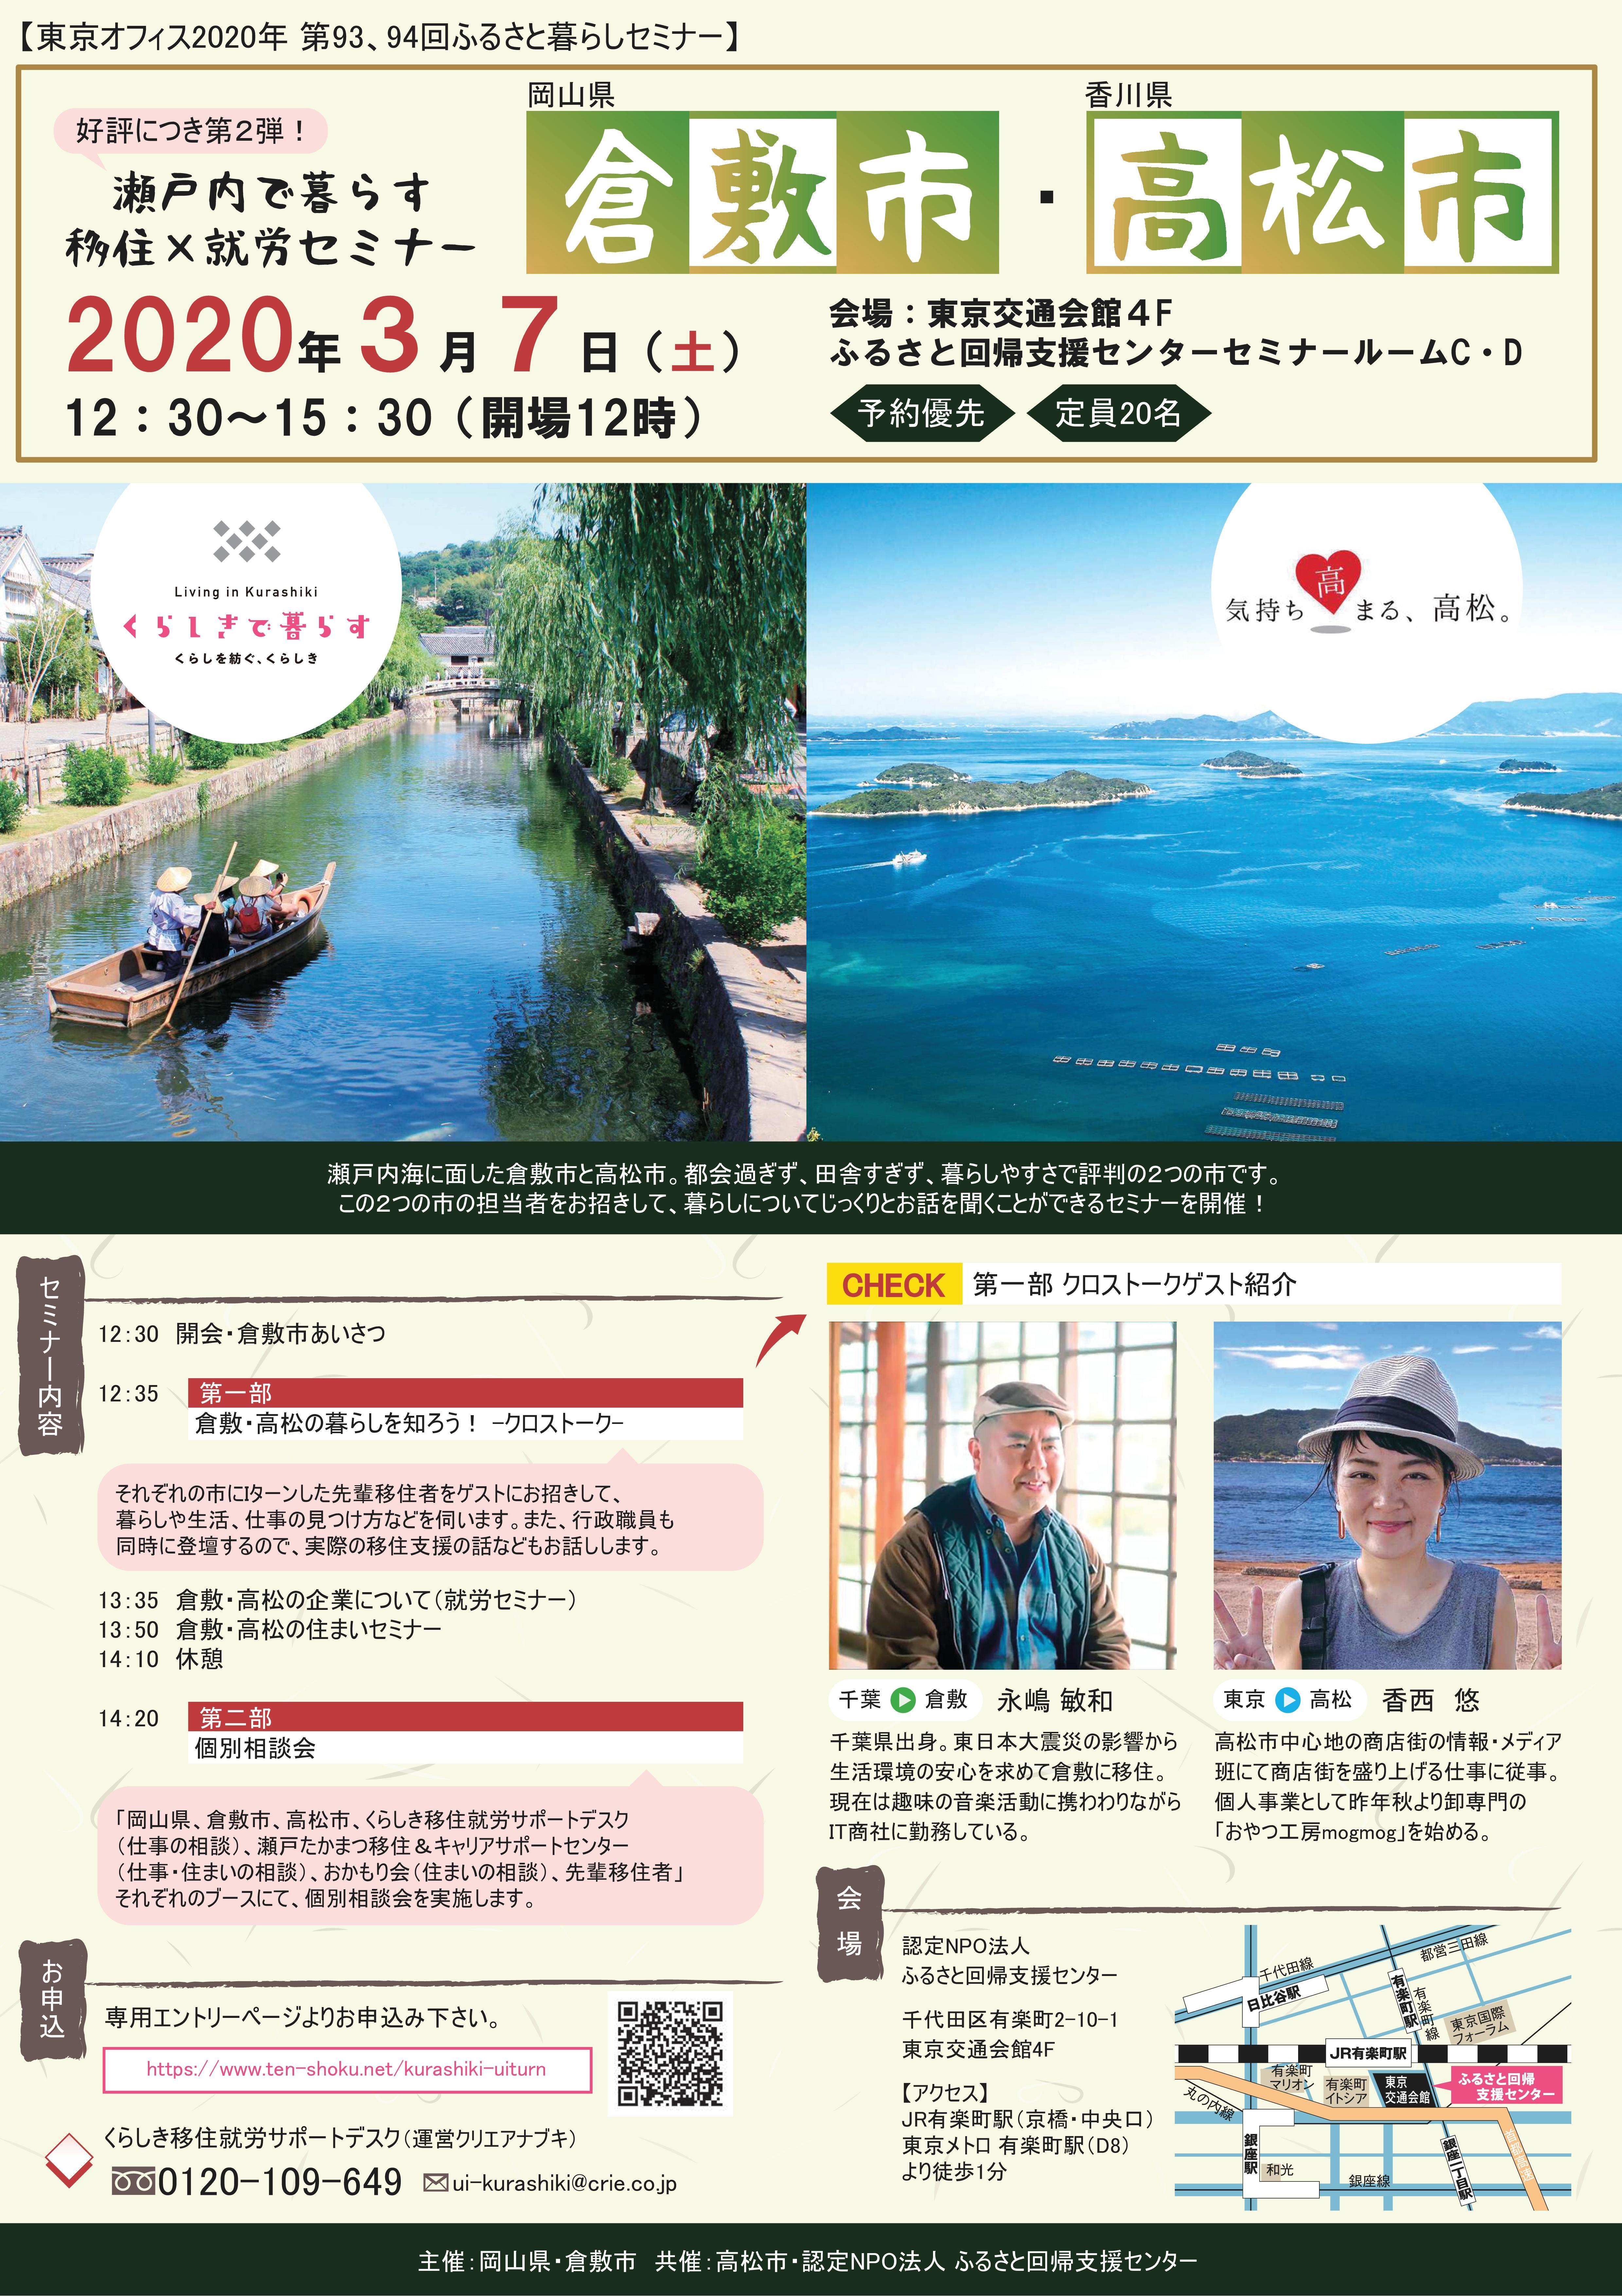 【開催中止】 [東京]3月7日(土)瀬戸内で暮らす 倉敷市と高松市の移住×就労セミナー